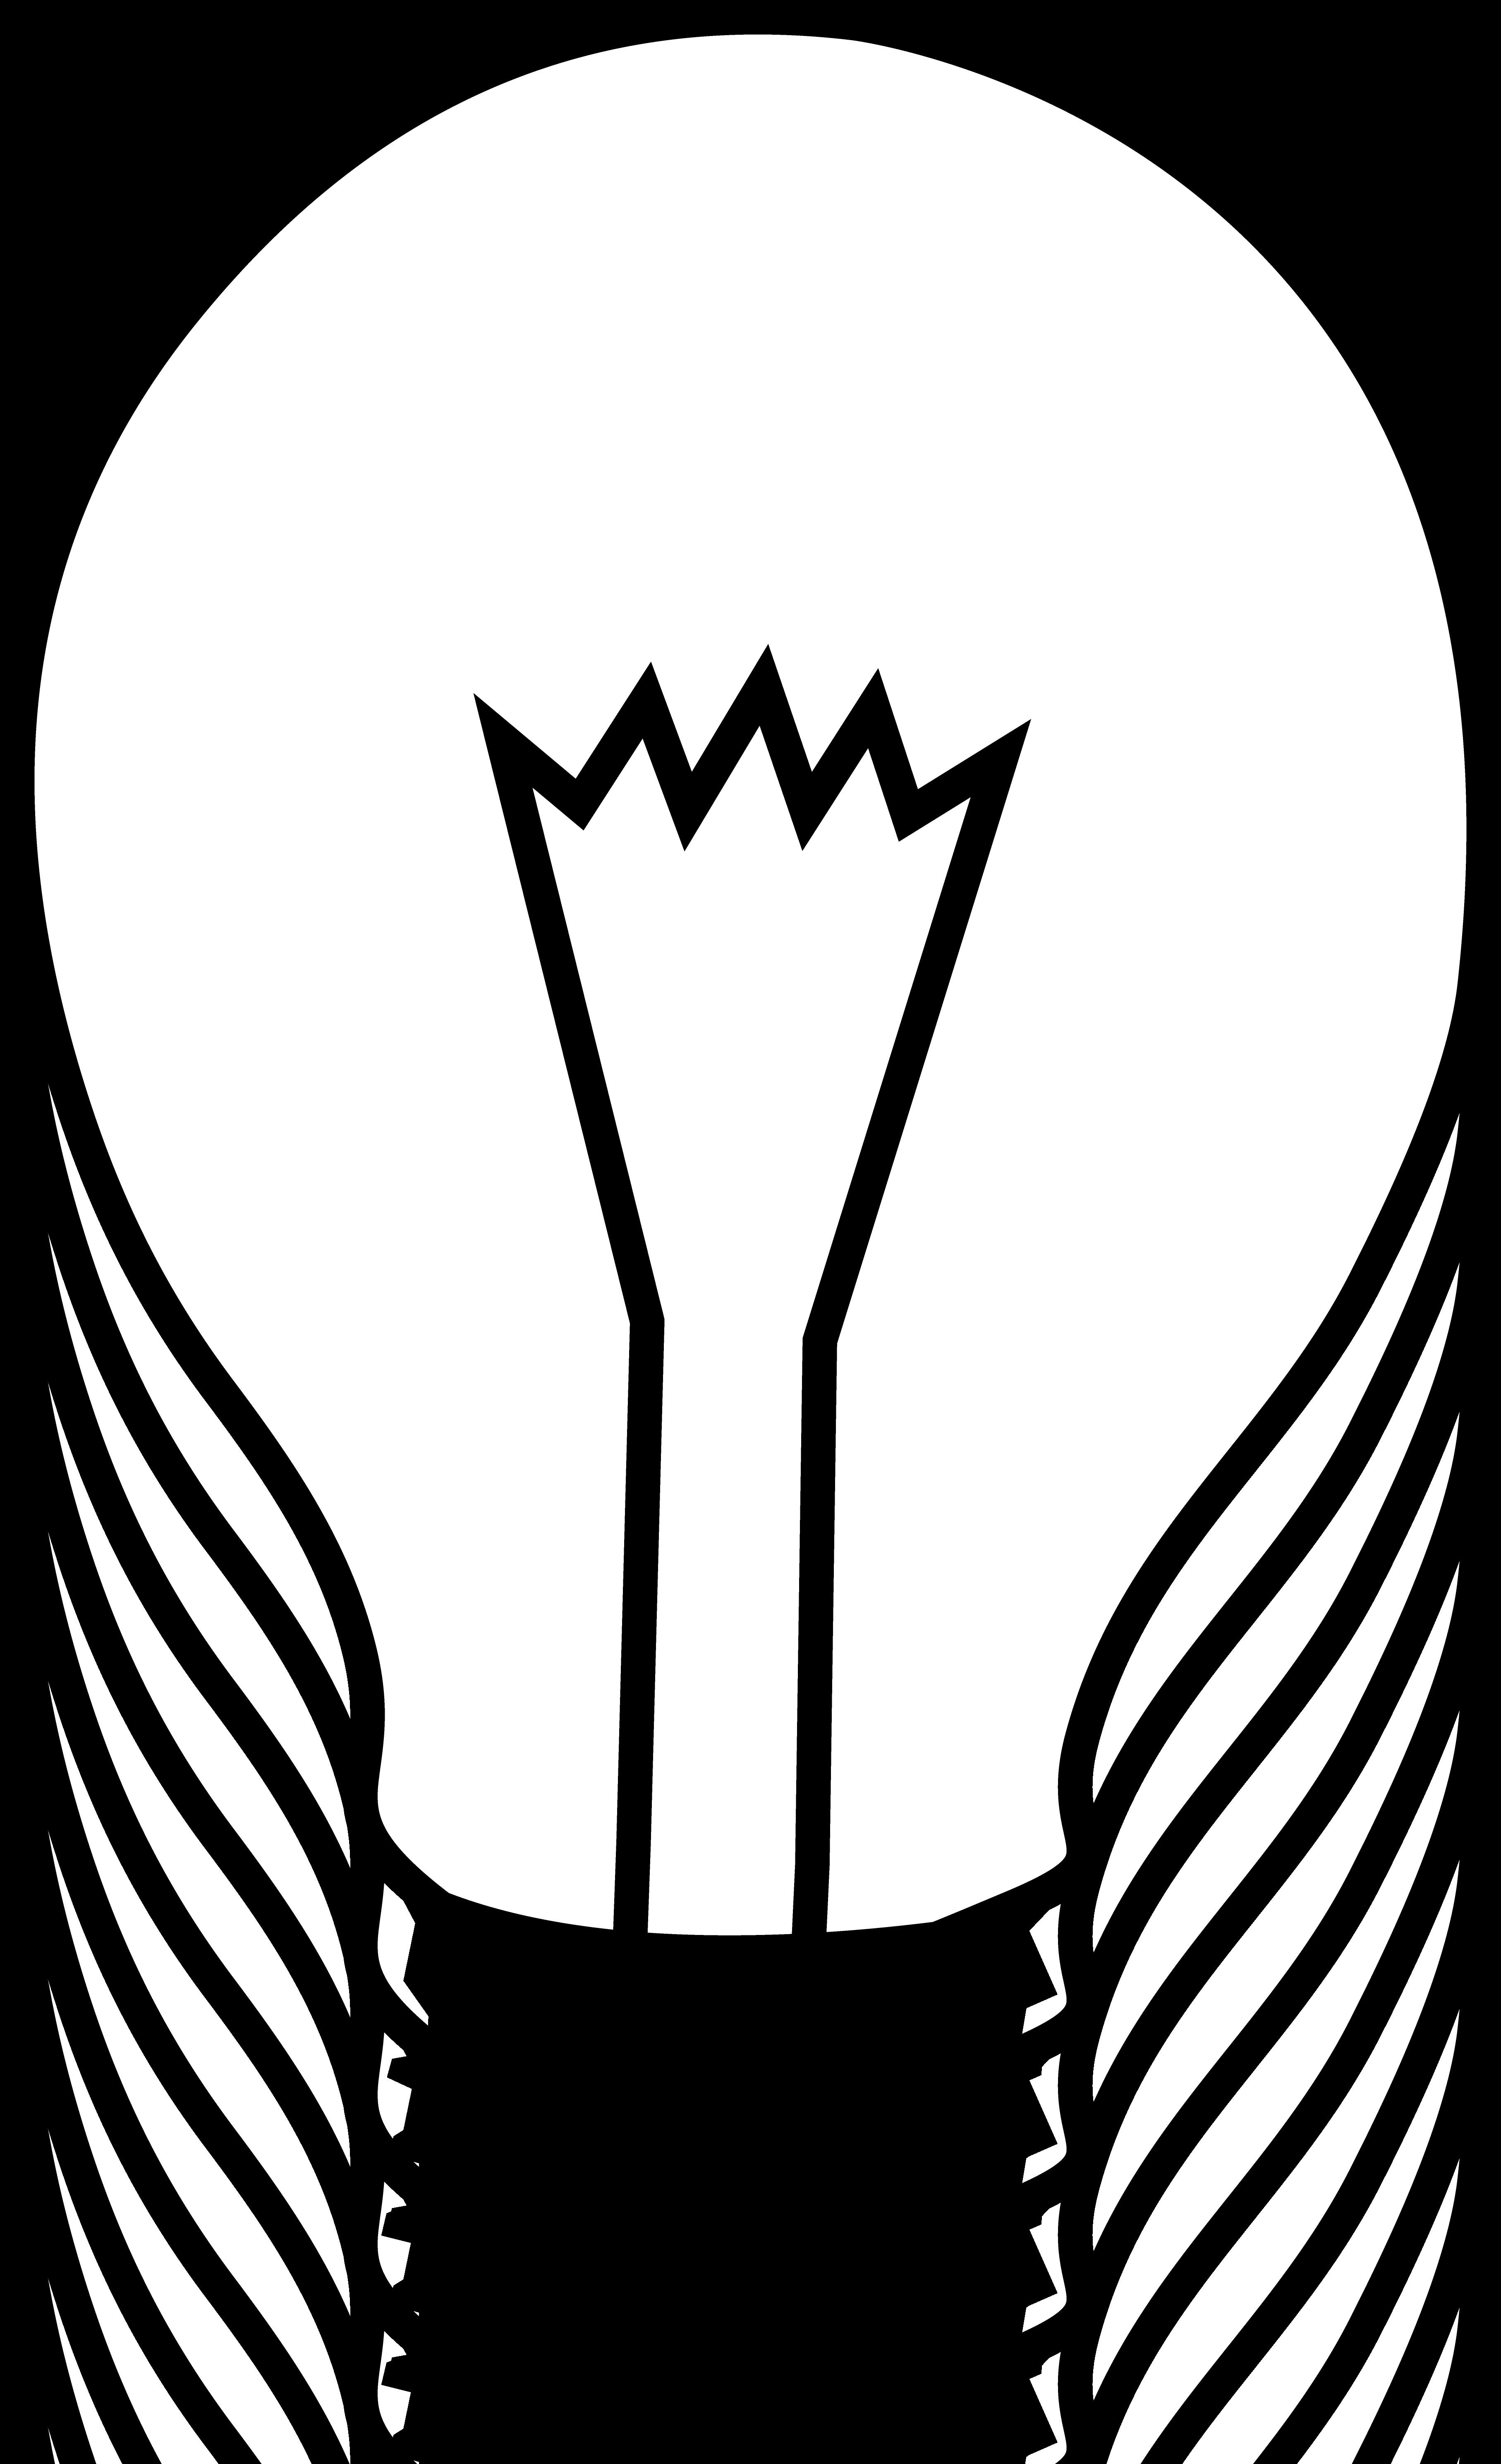 3629x5957 Light bulb lightbulb clipart free clipart images